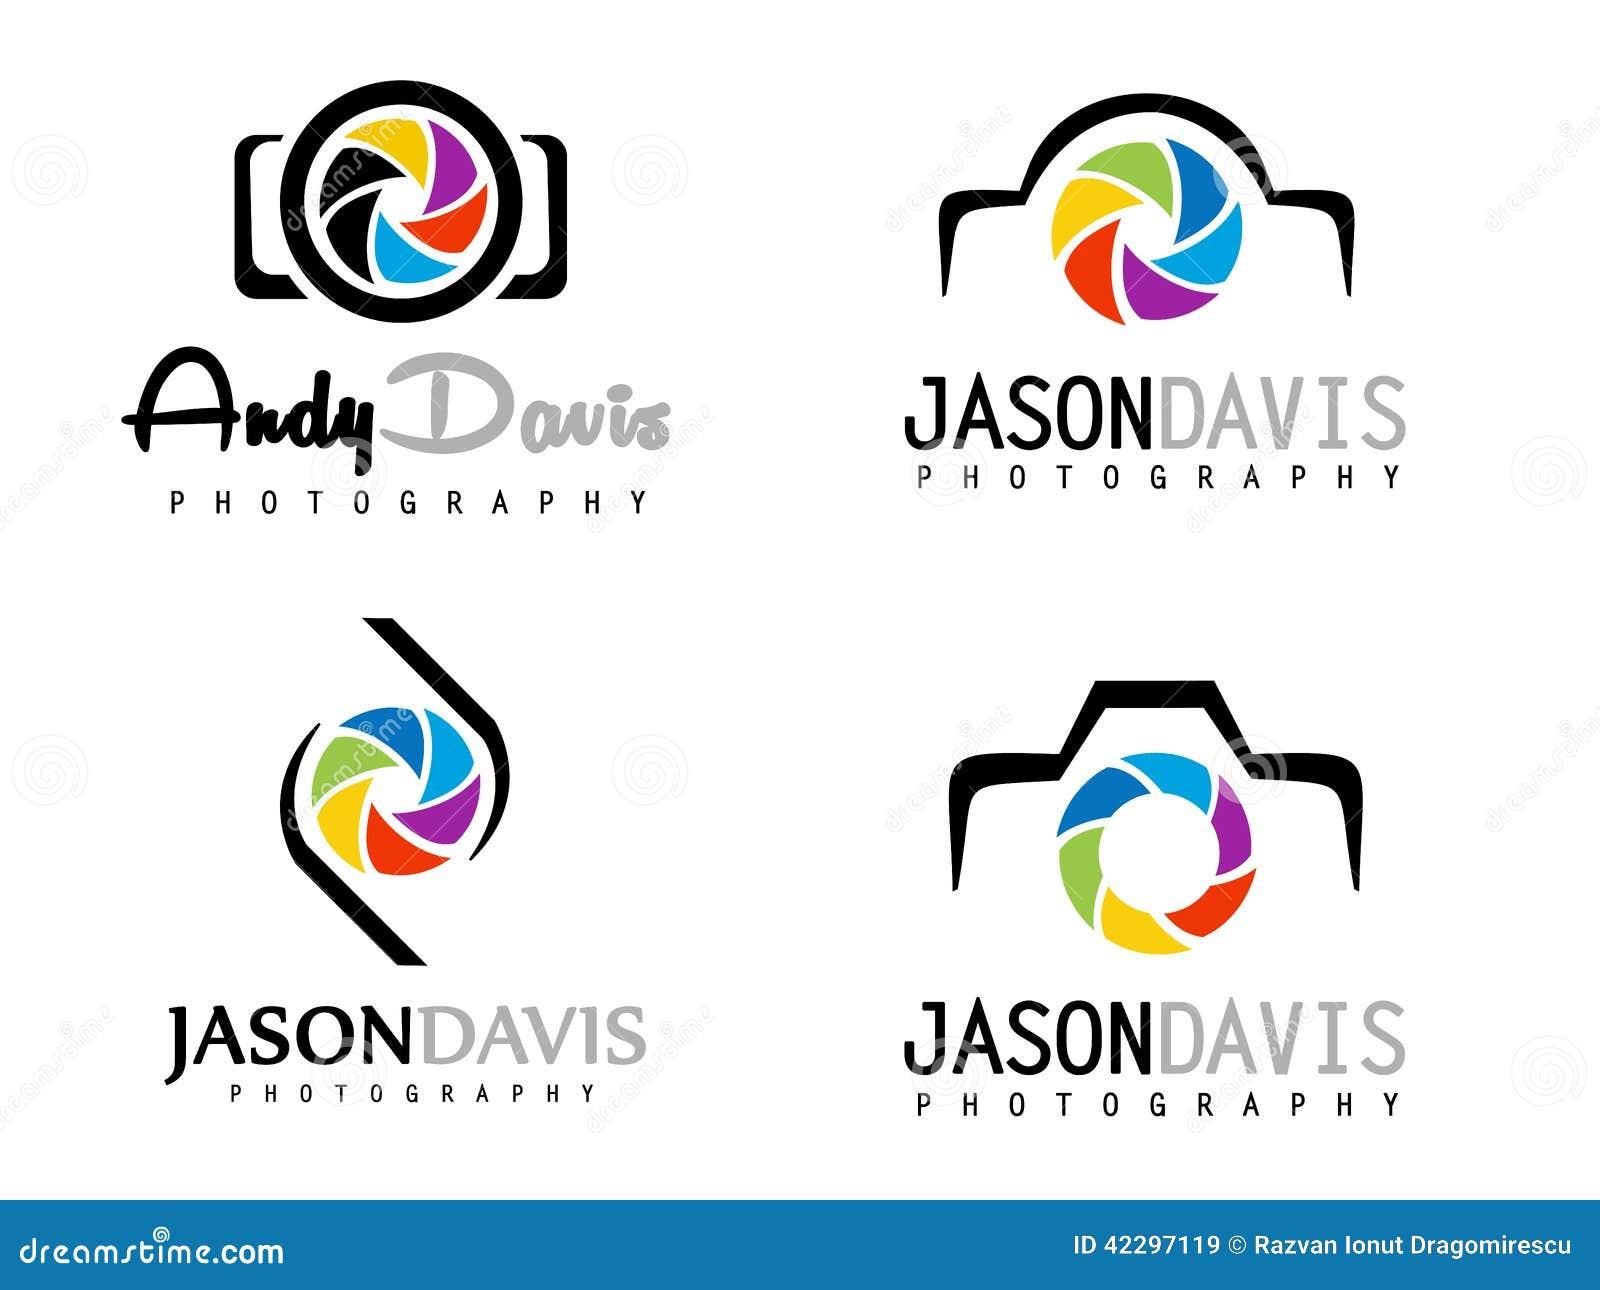 Logotipo Da Fotografia Ilustração Stock Ilustração De Se 42297119